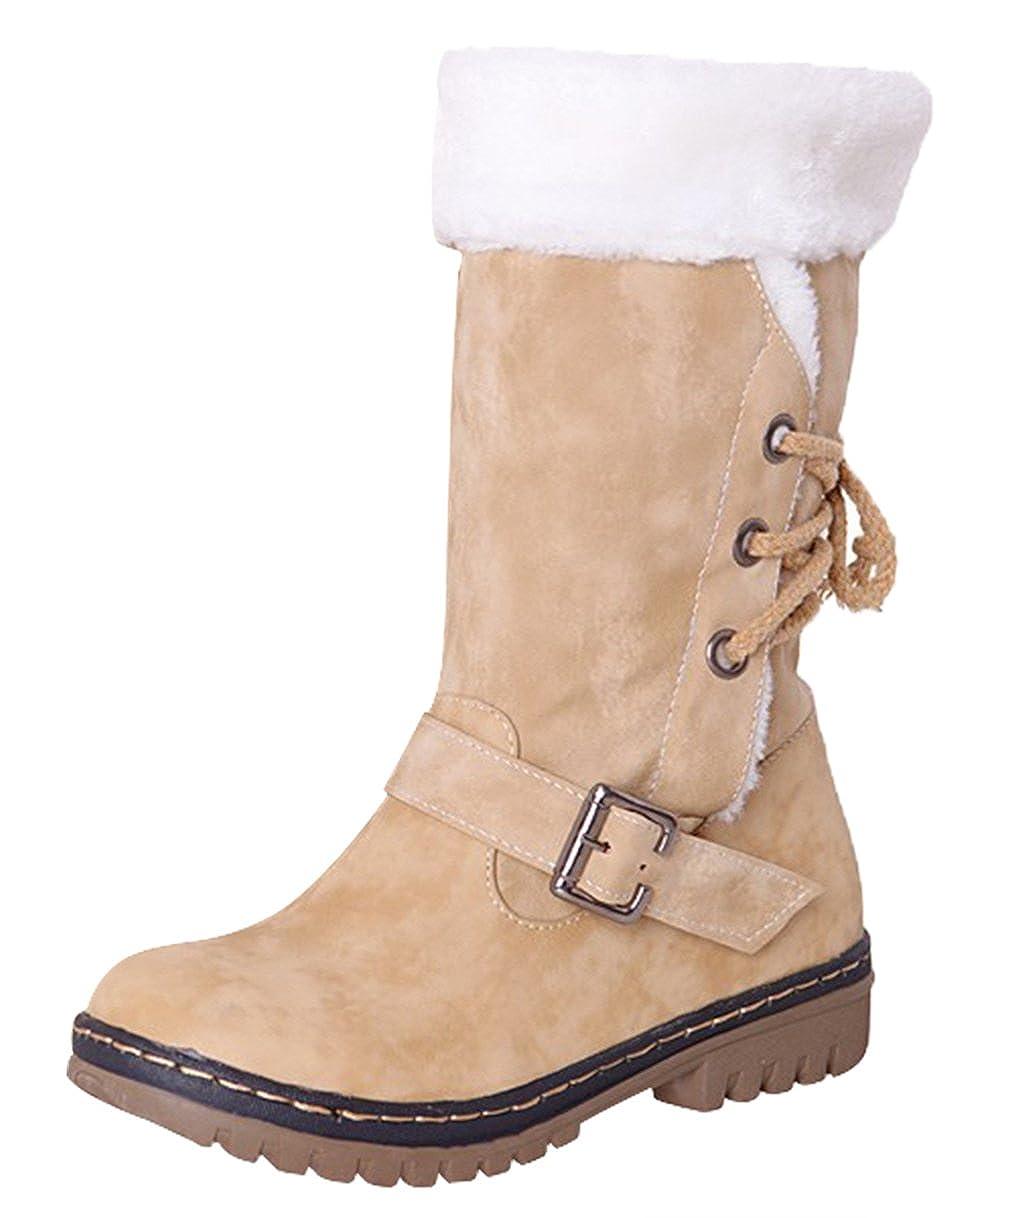 24d434907c321d La Vogue Botte Hiver Femme Boucle à Lacet Boots PU Cuir Fourrure Talon  Chaussure Chaud: Amazon.fr: Chaussures et Sacs